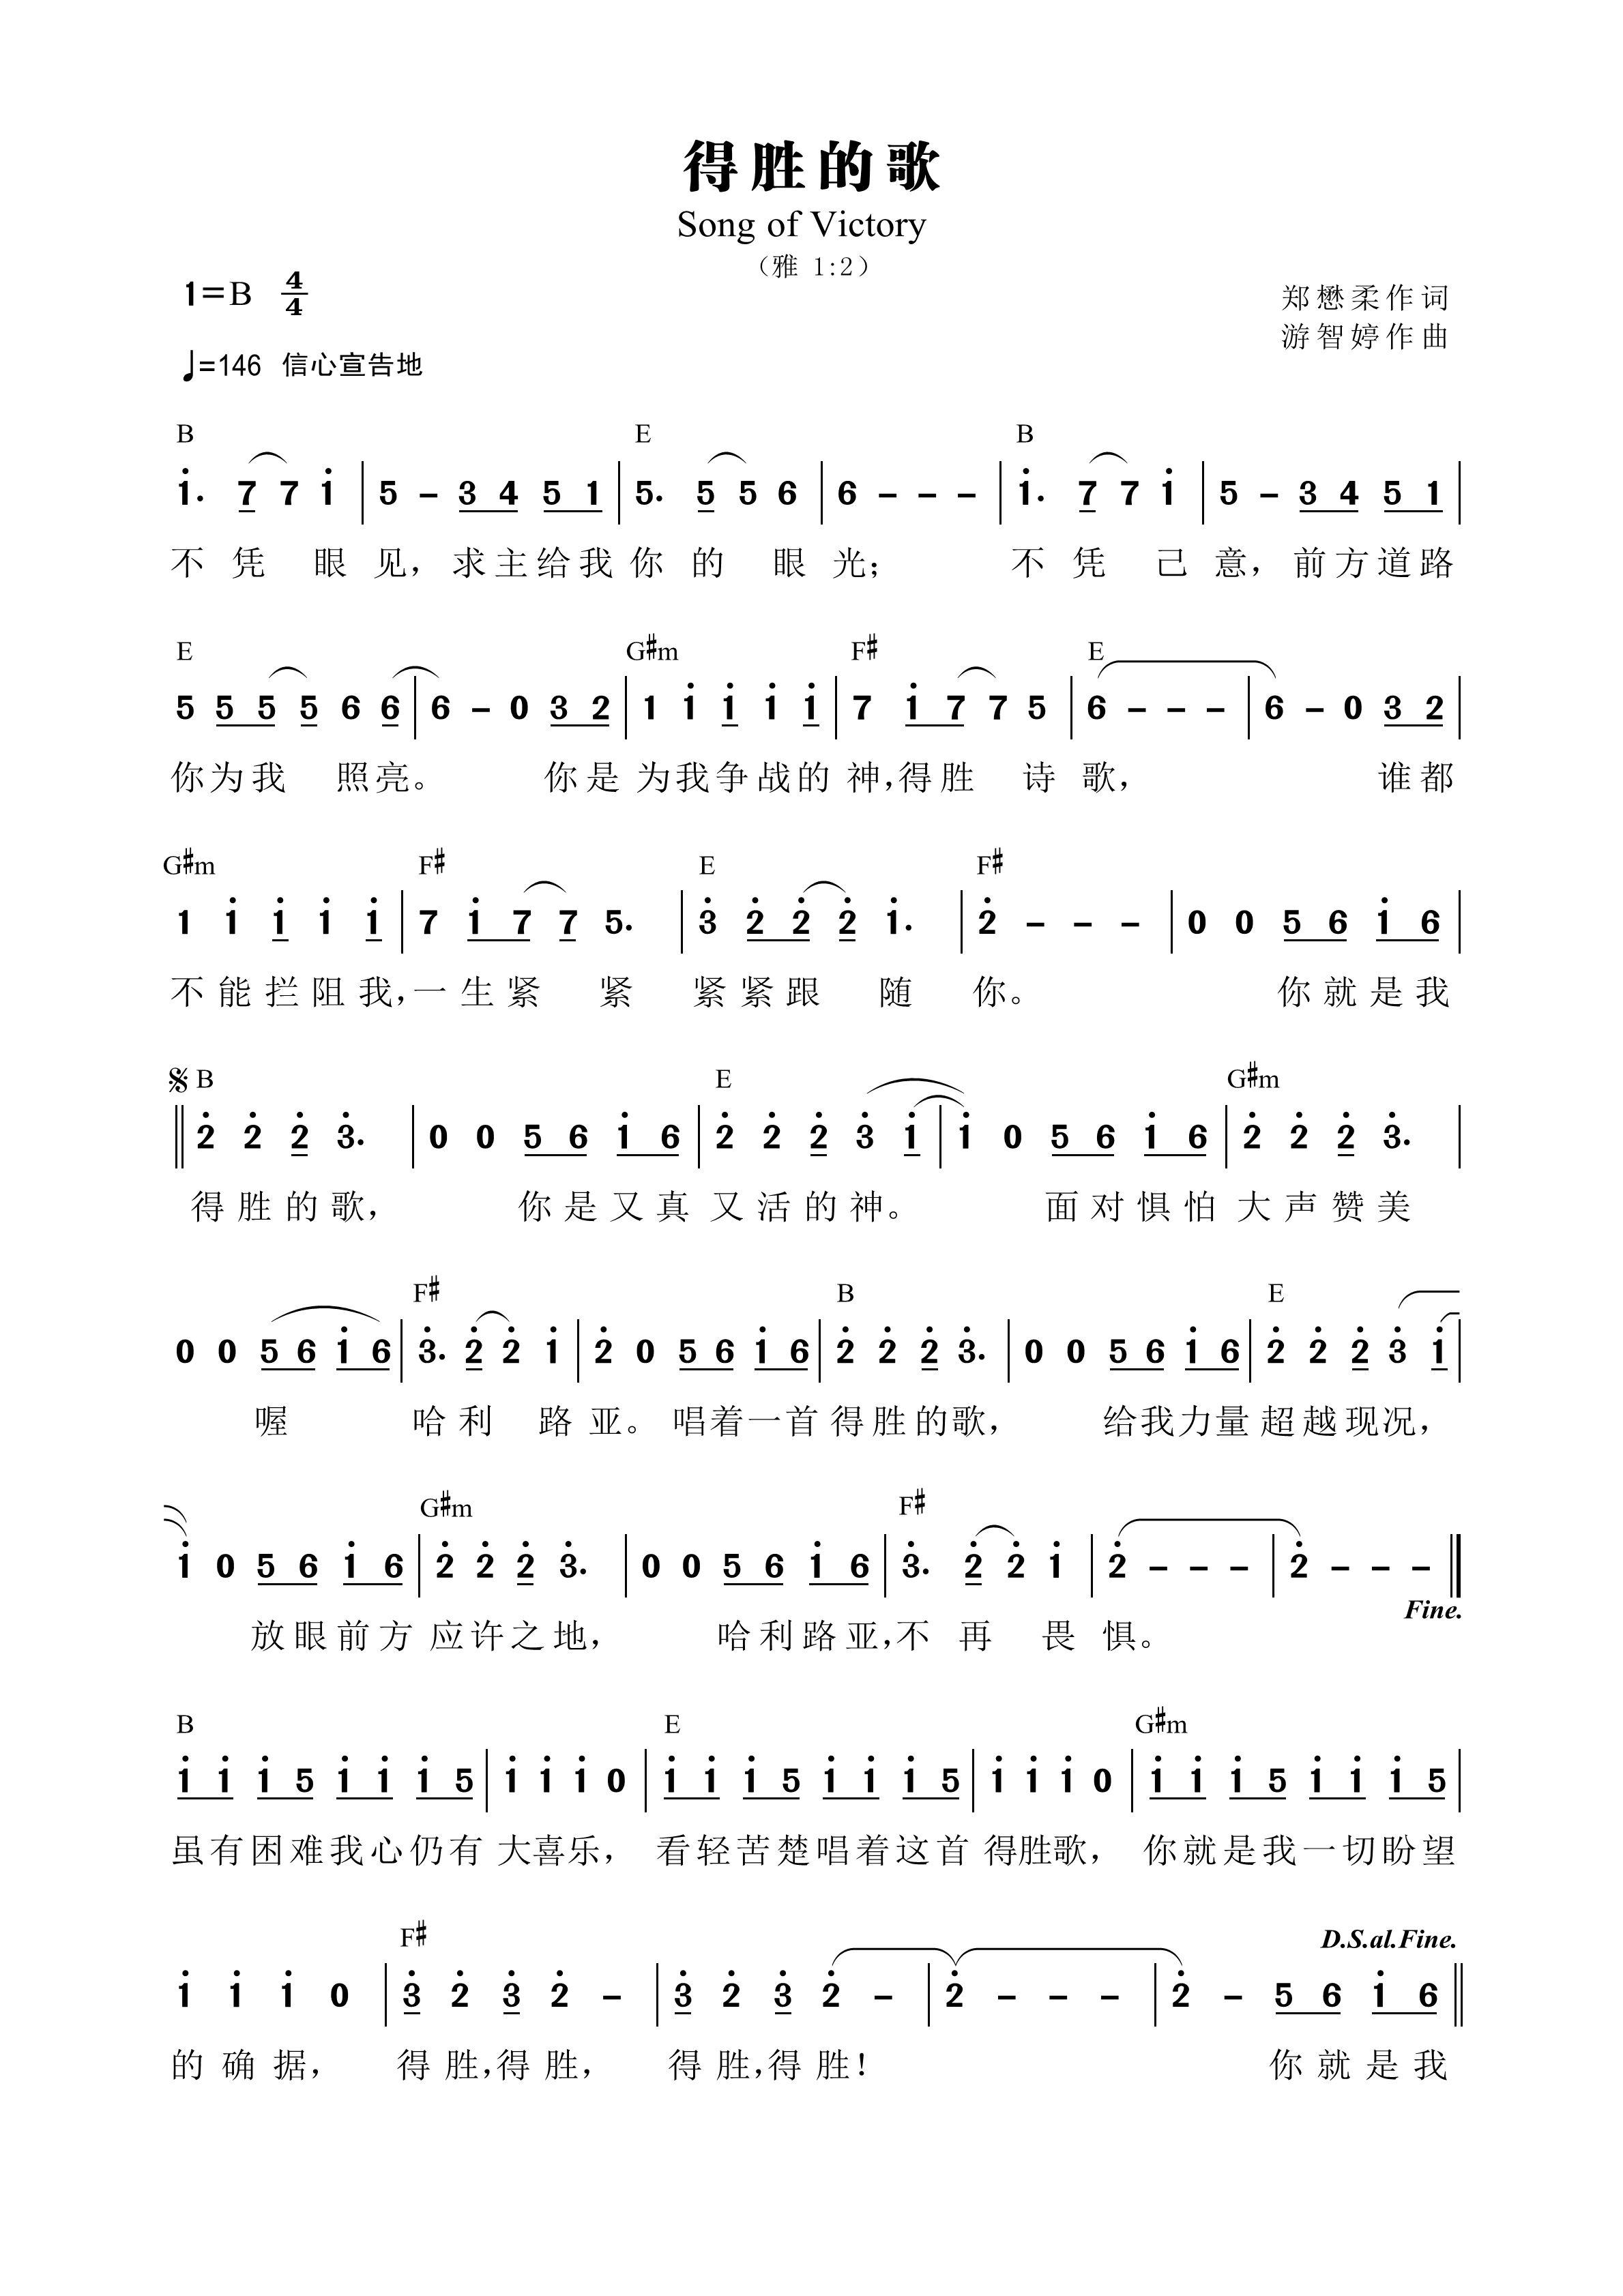 《得胜的歌 和弦简谱》